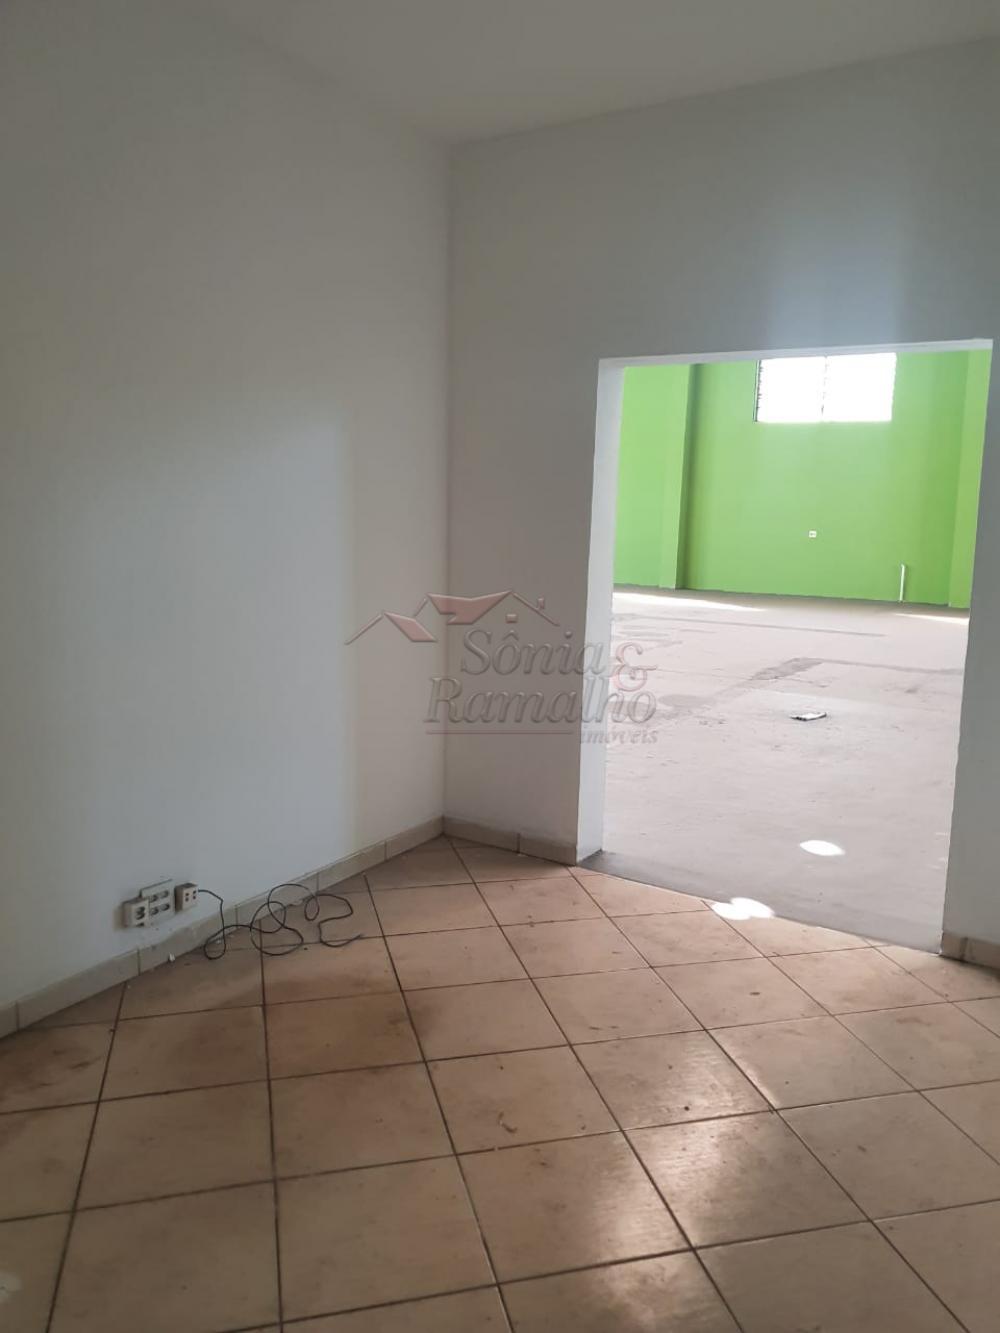 Alugar Comercial / Galpao / Barracao em Ribeirão Preto R$ 7.000,00 - Foto 15